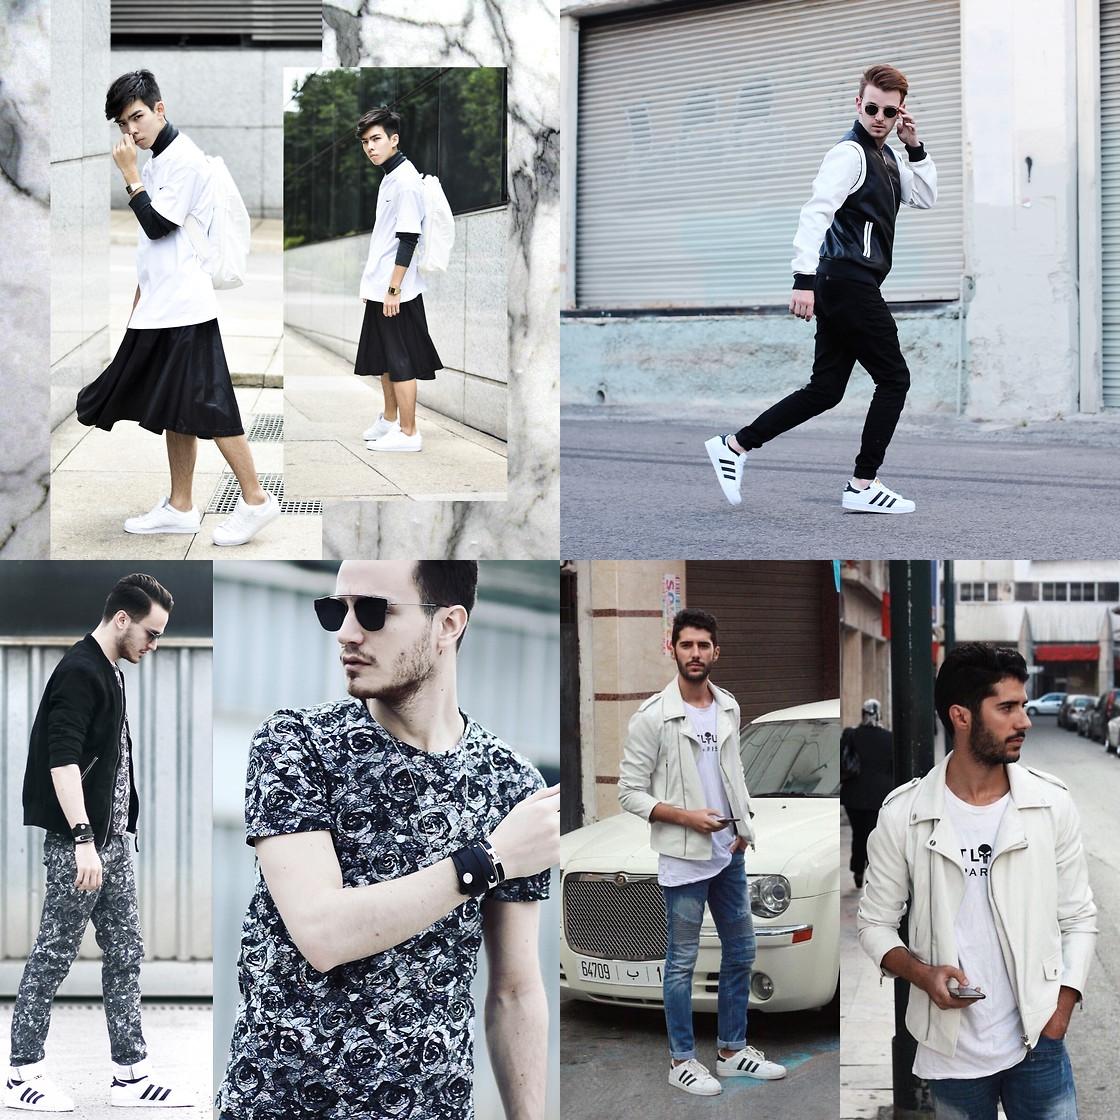 adidas originals, adidas superstar, moda masculina, calçado masculino, alex cursino, moda sem censura, richard brito, blog de moda, dica de moda, dica de estilo, fashion tips (1)